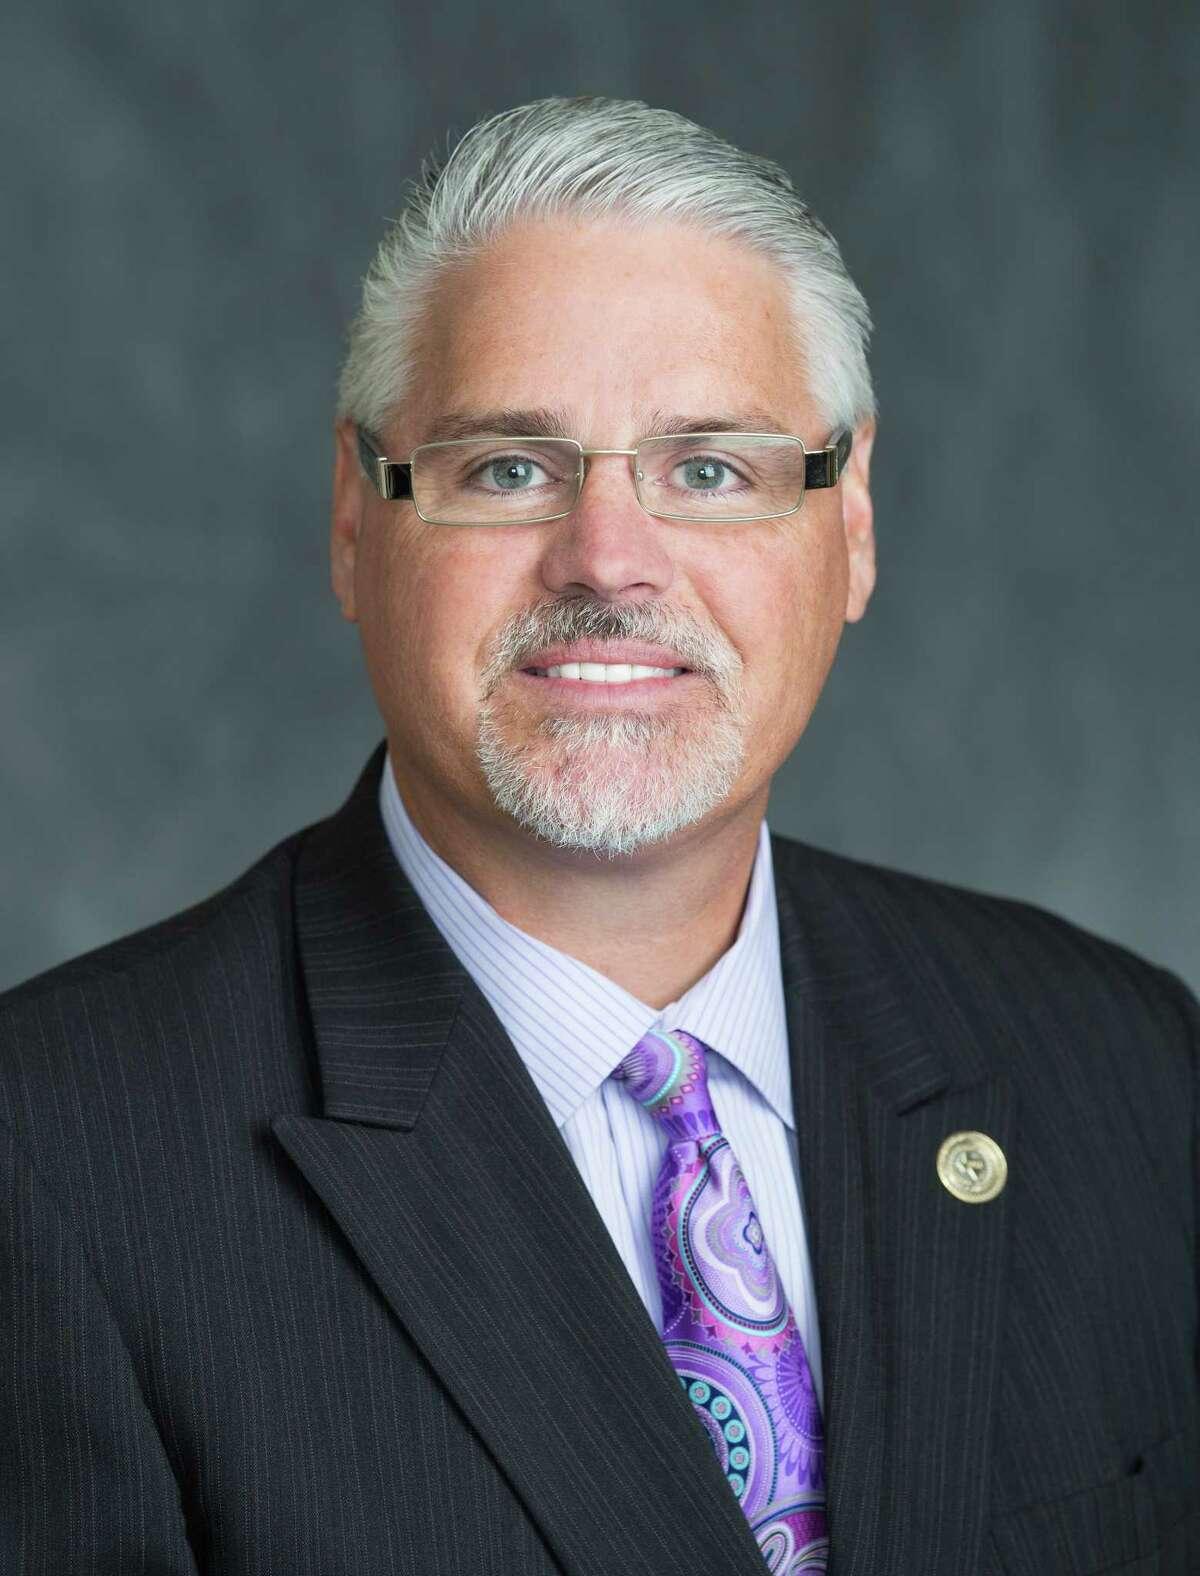 State Rep. Dan Huberty, R-Humble.